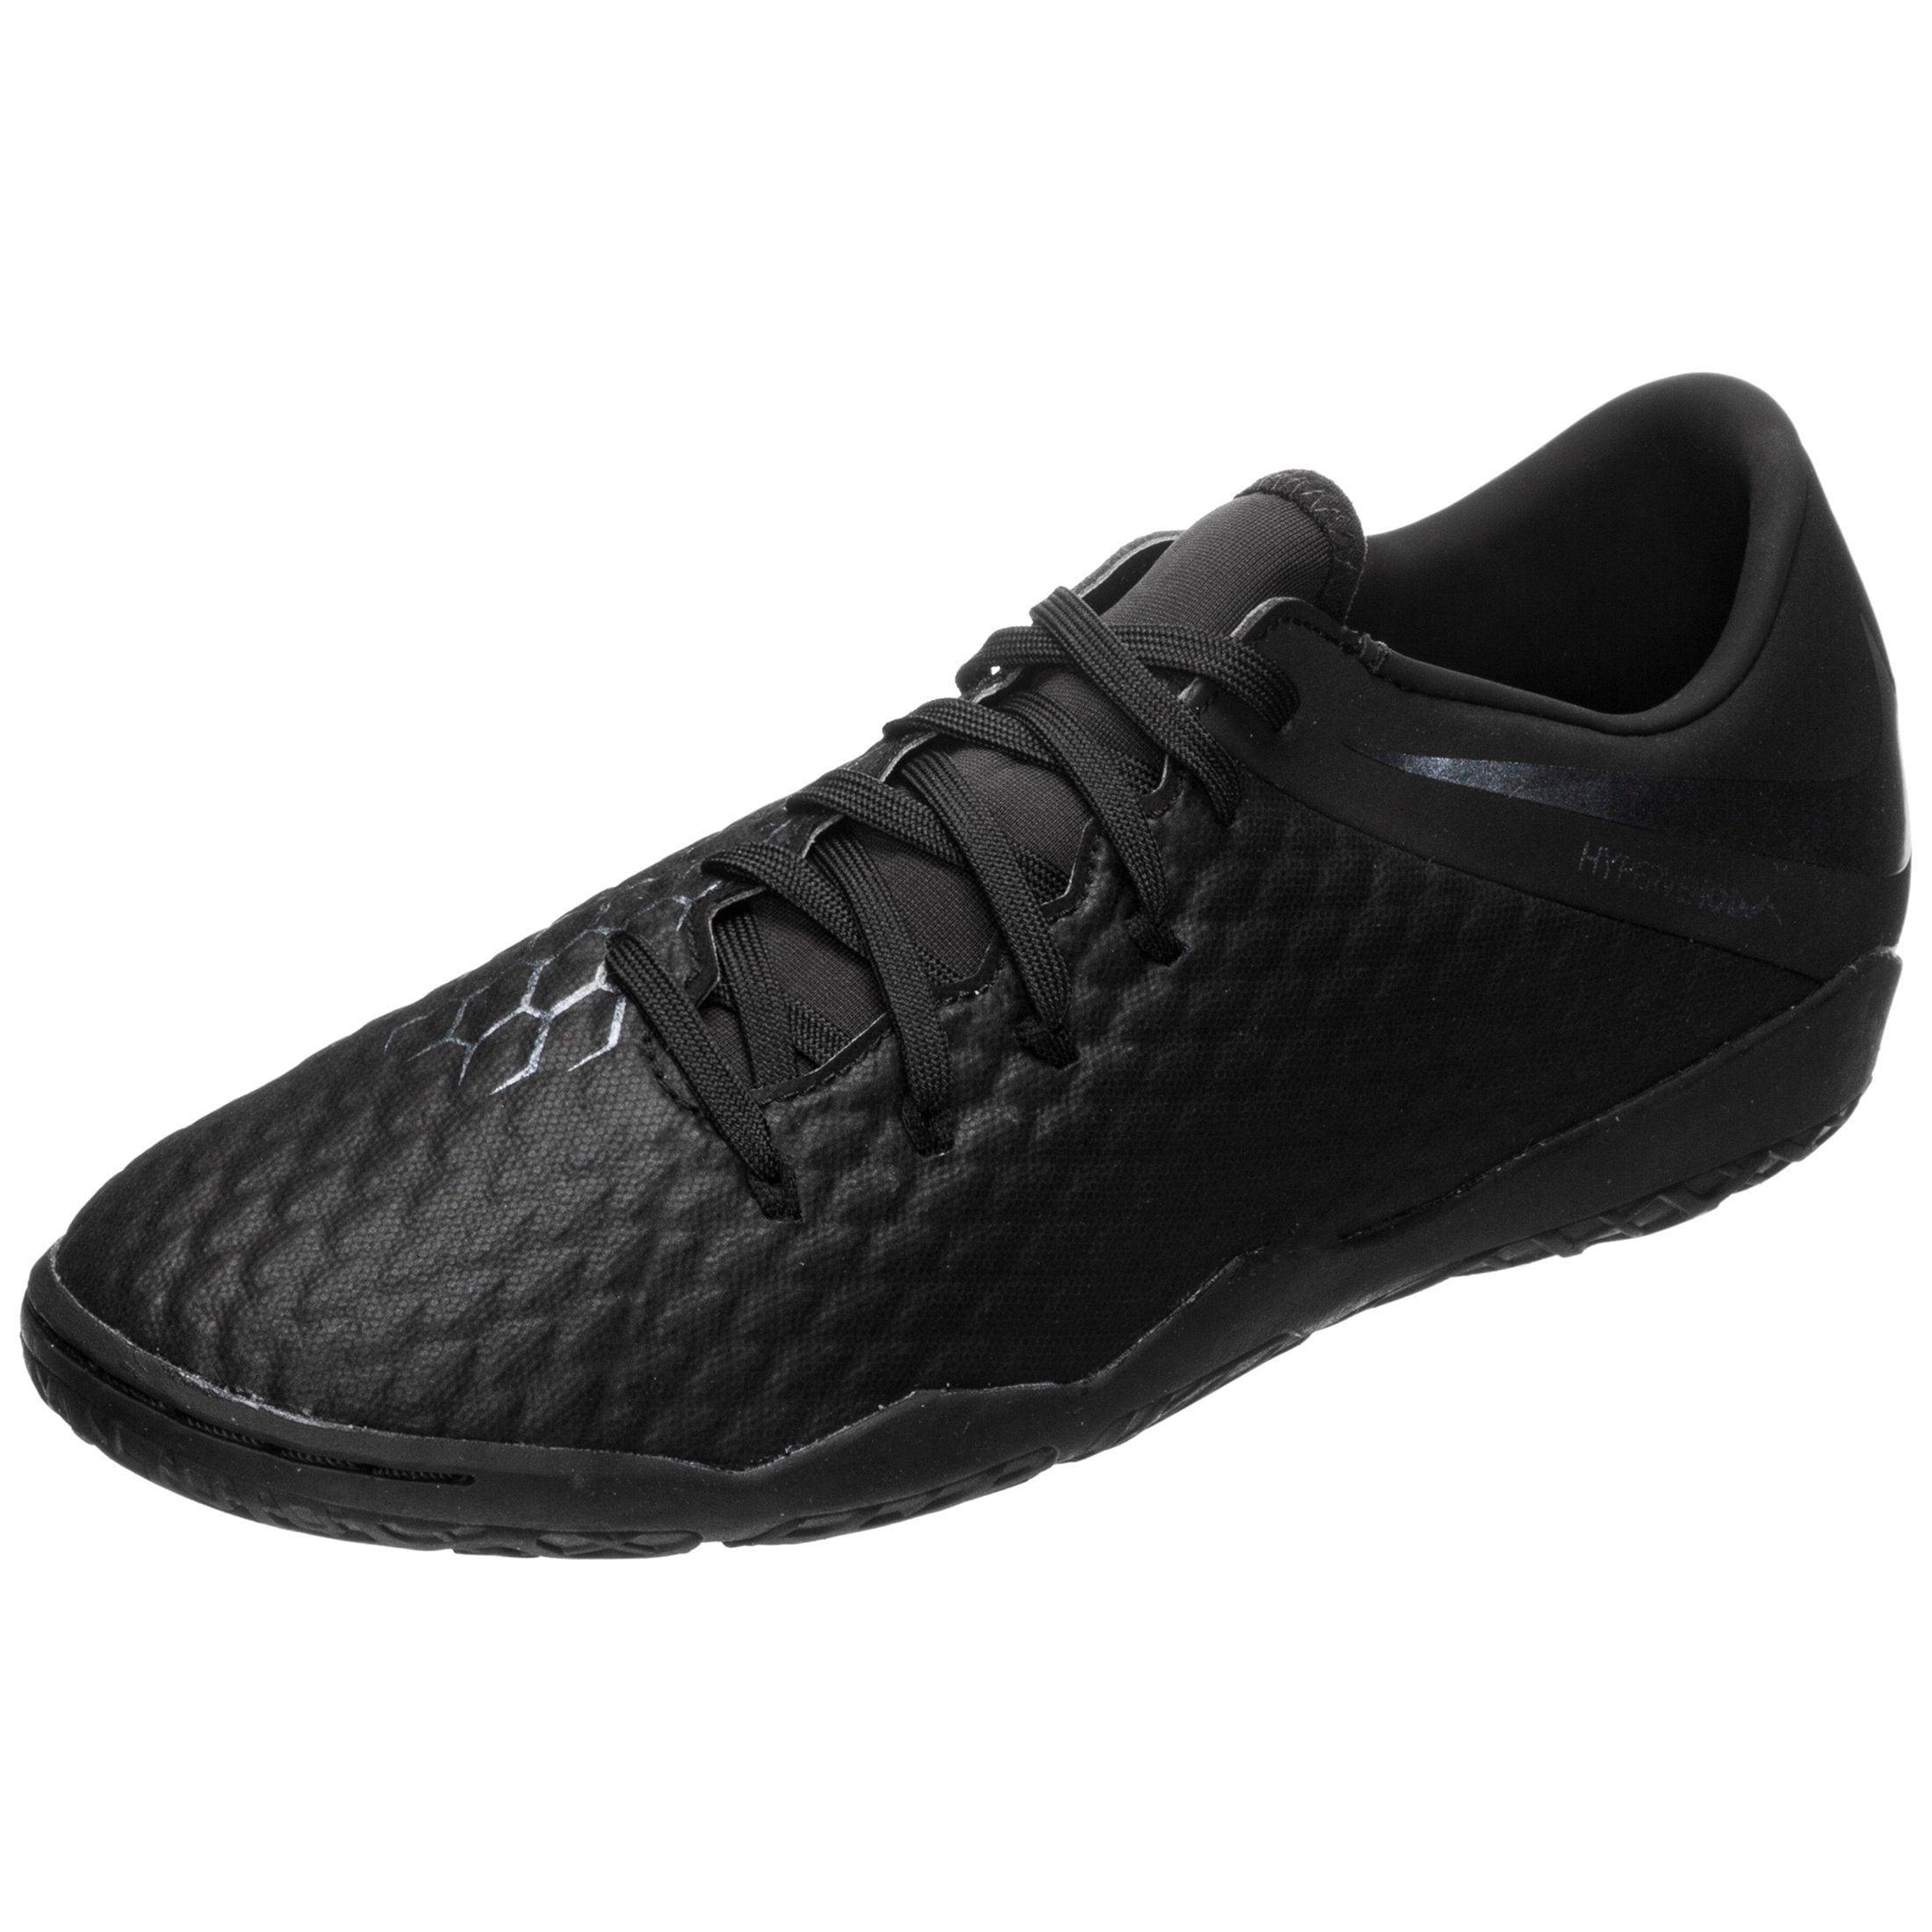 Nike Fußballschuh  ;Hypervenom Phantom Iii Iii Phantom Academy Ic bestellen | Gutes Preis-Leistungs-Verhältnis, es lohnt sich 6641ef